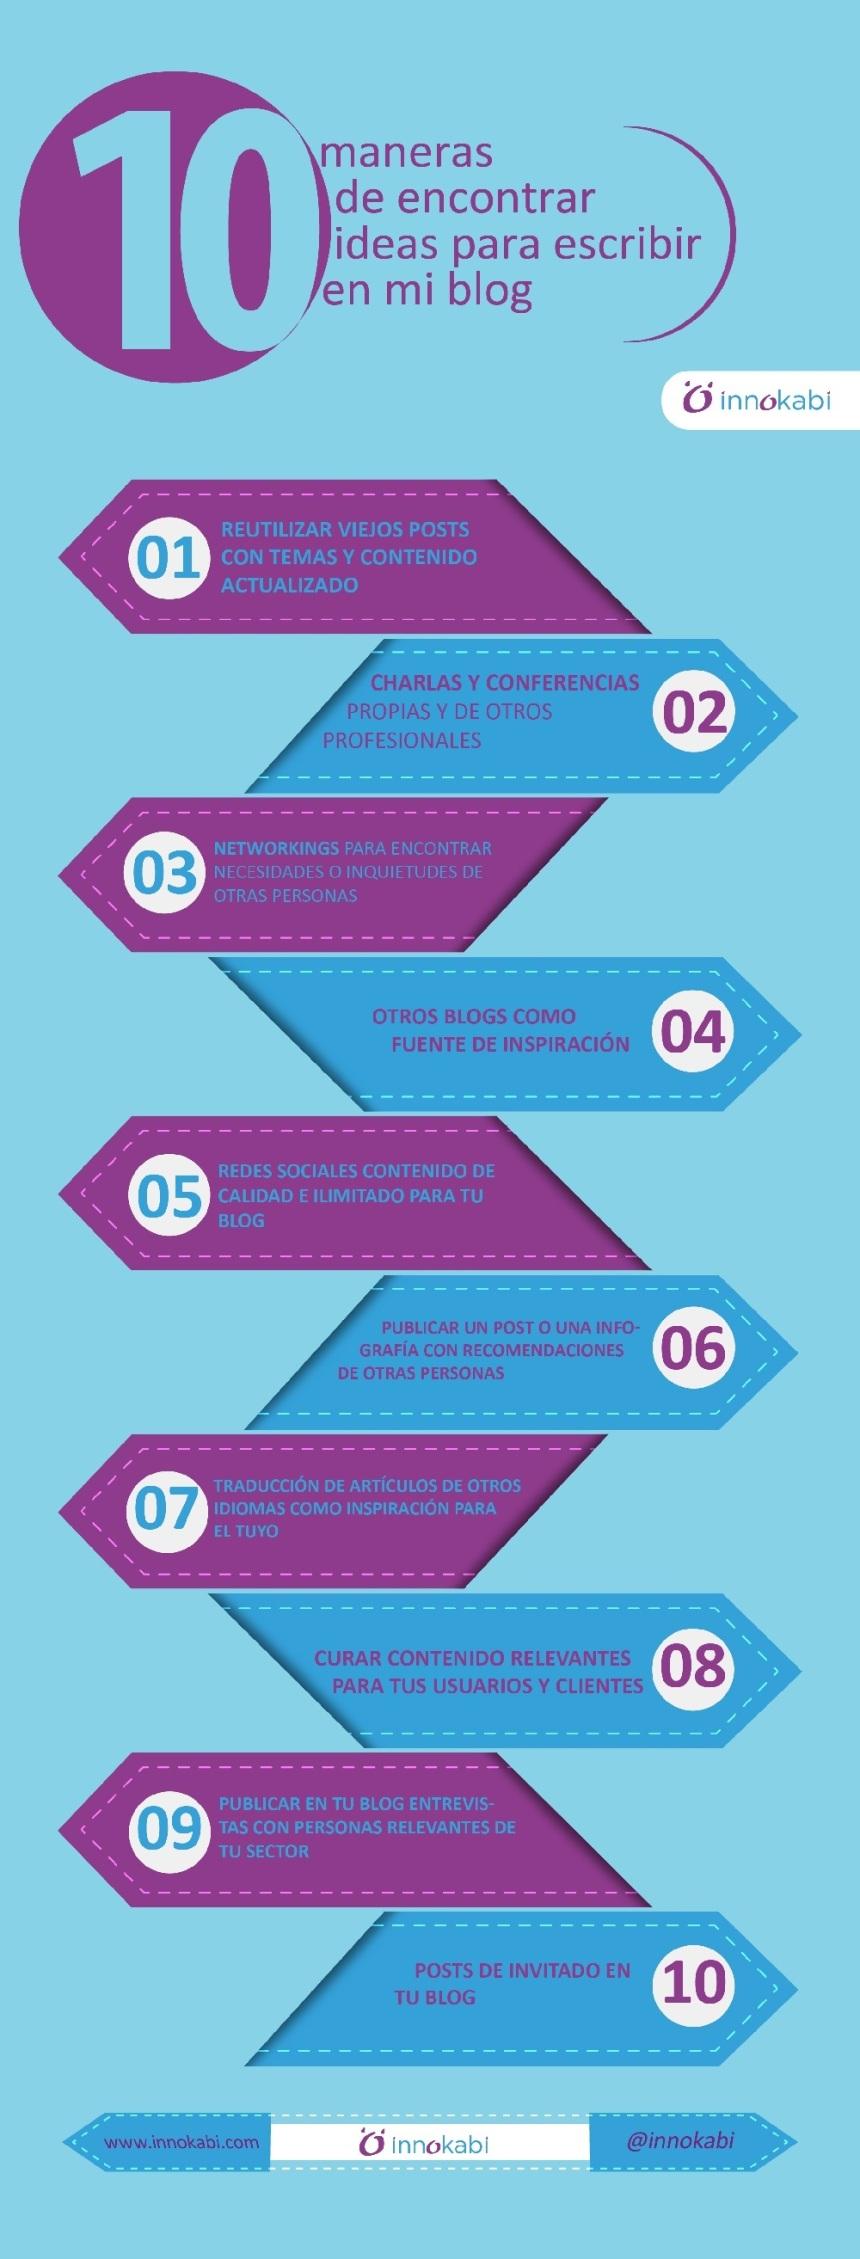 10 maneras de encontrar ideas para escribir en el Blog